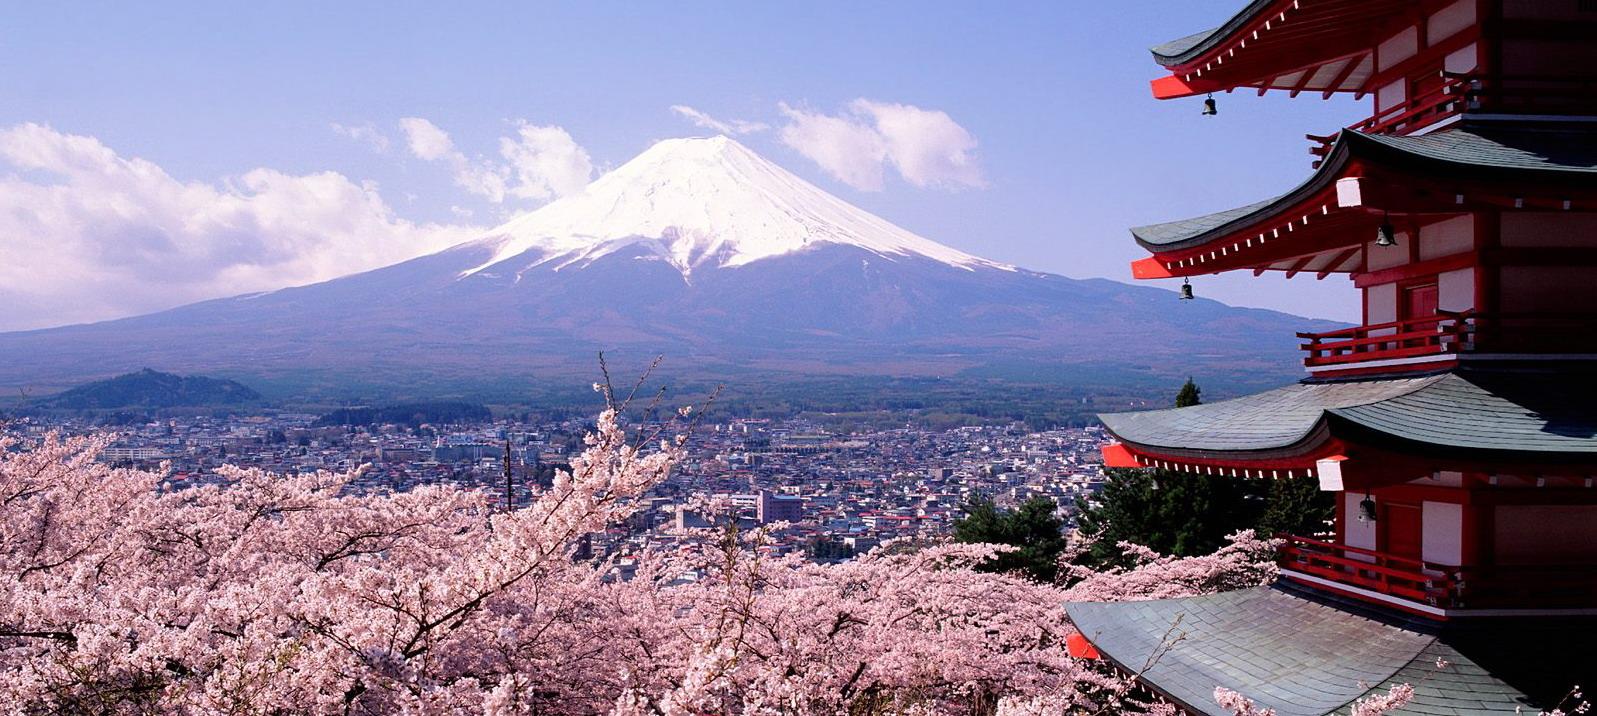 Tour Nhật Bản 5 ngày 4 đêm Osaka- Nara- Kyoto - Kobe